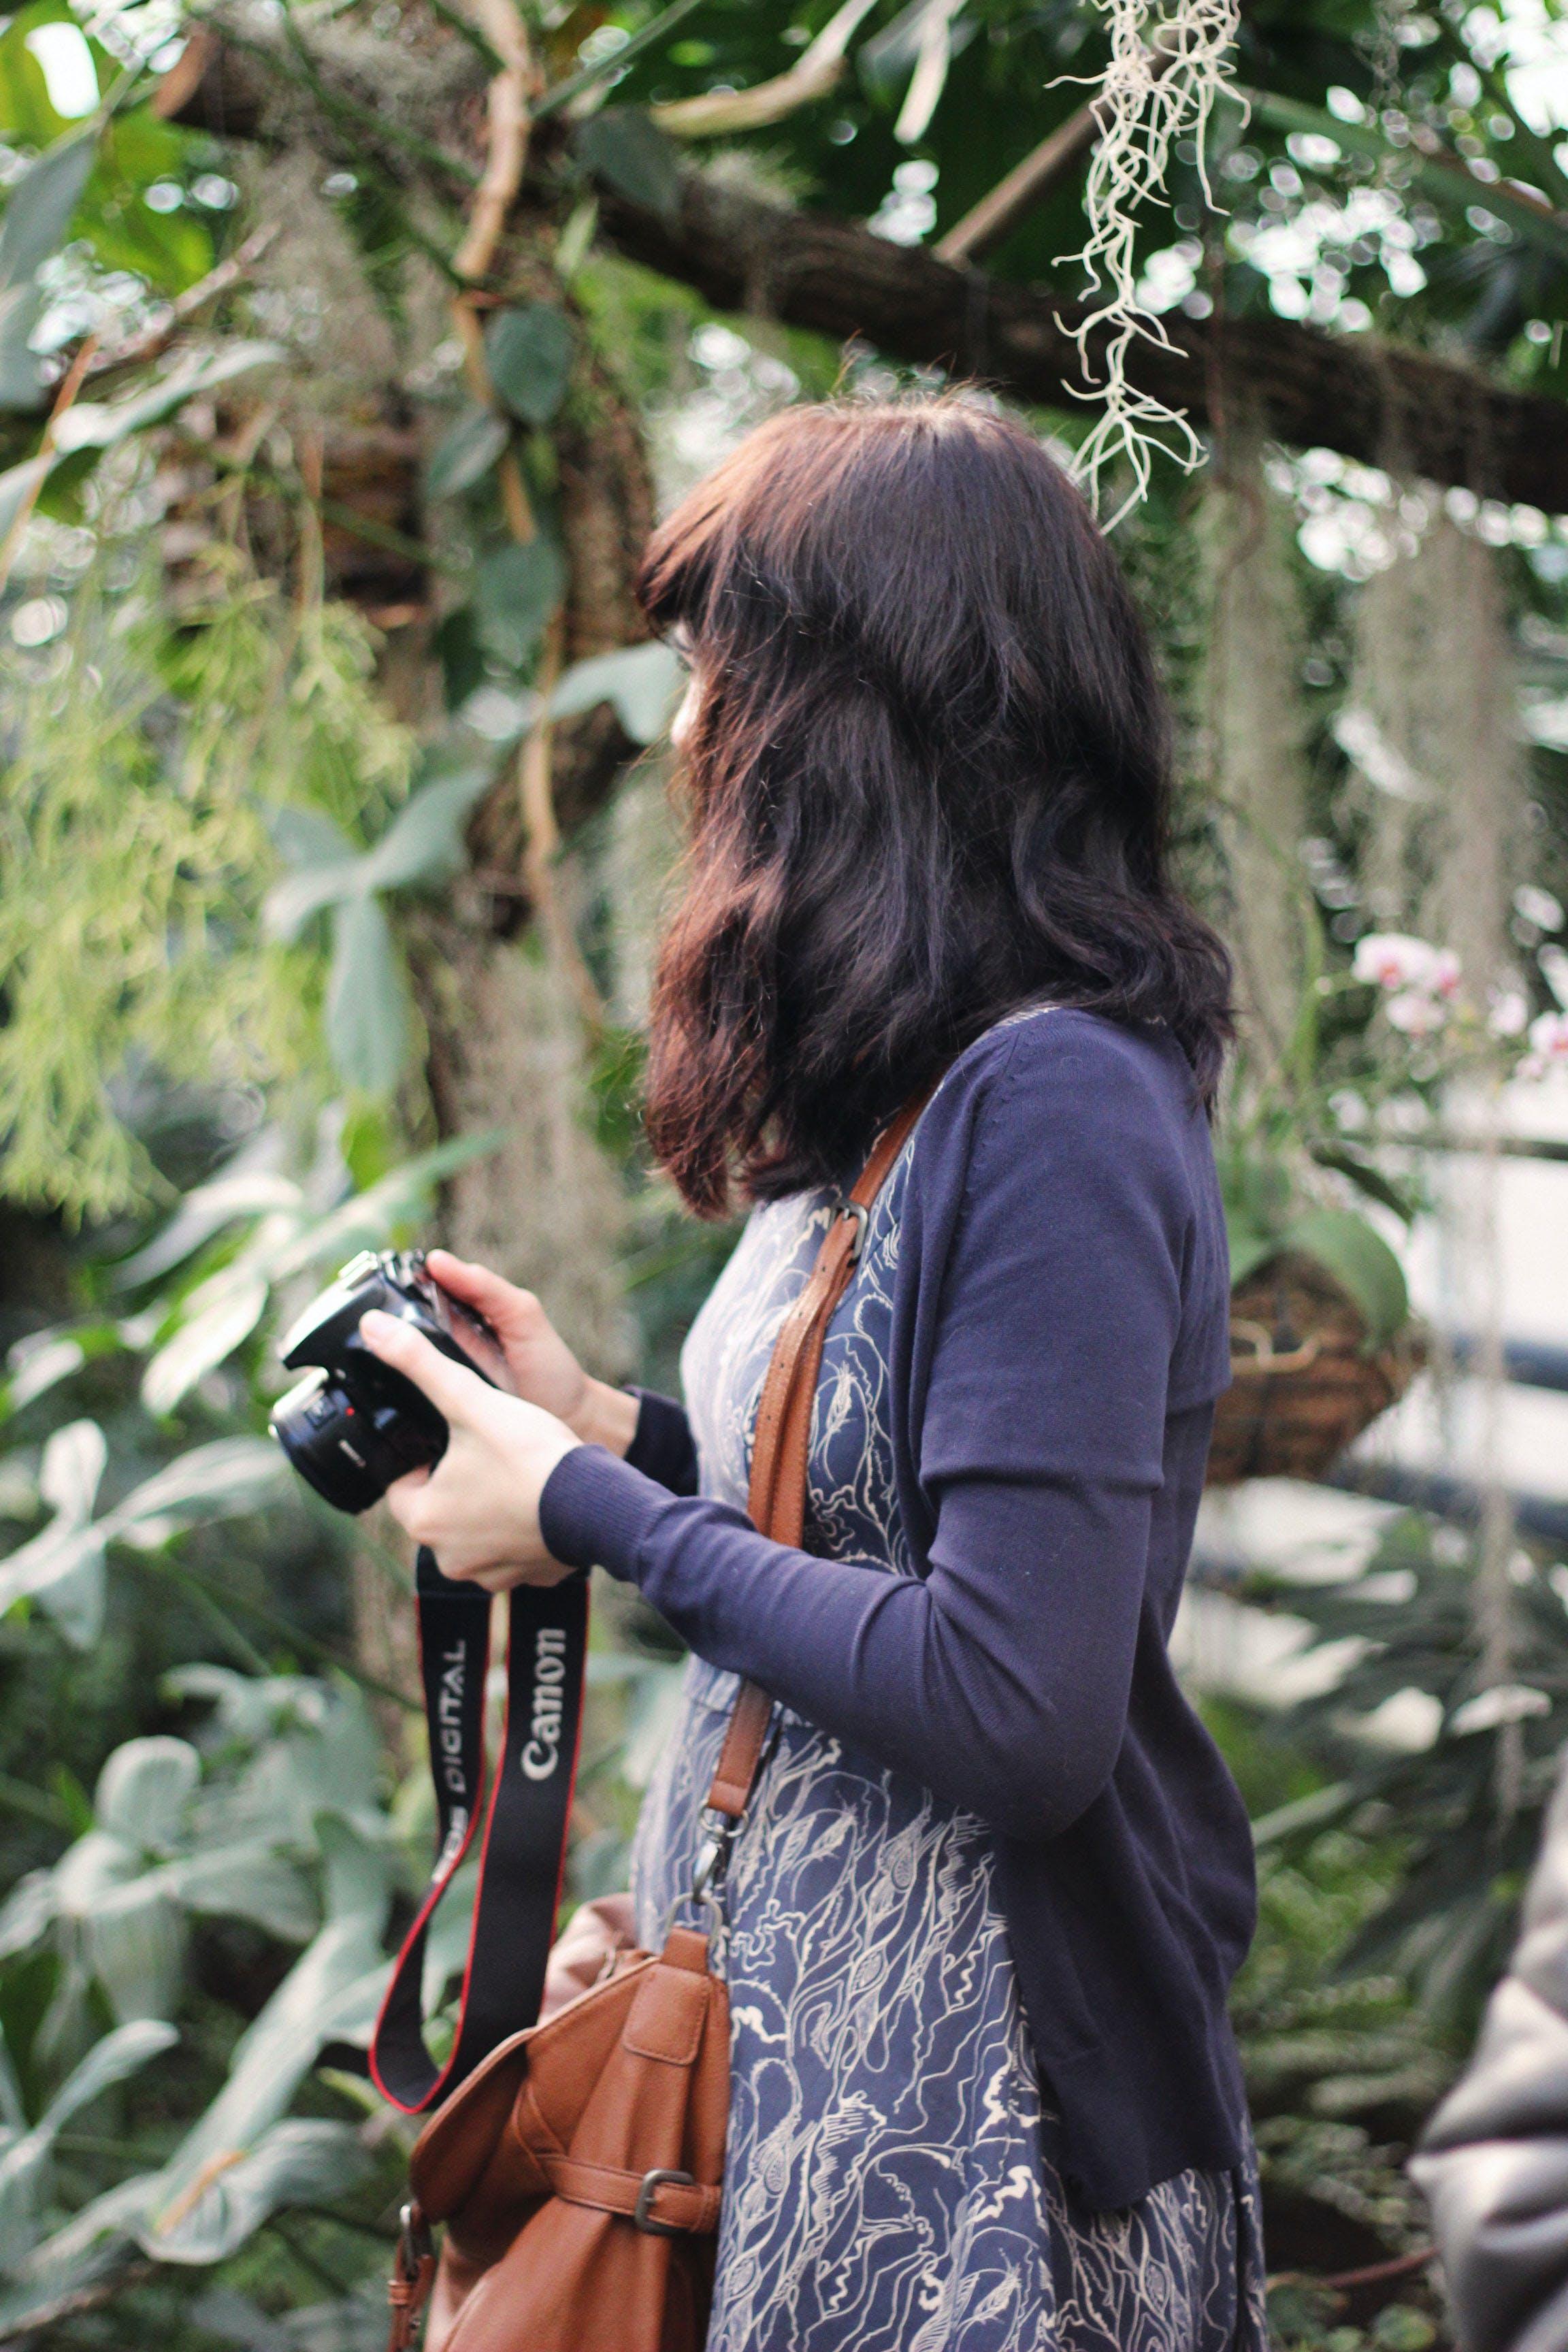 カメラ, セーター, パーク, ファッションの無料の写真素材